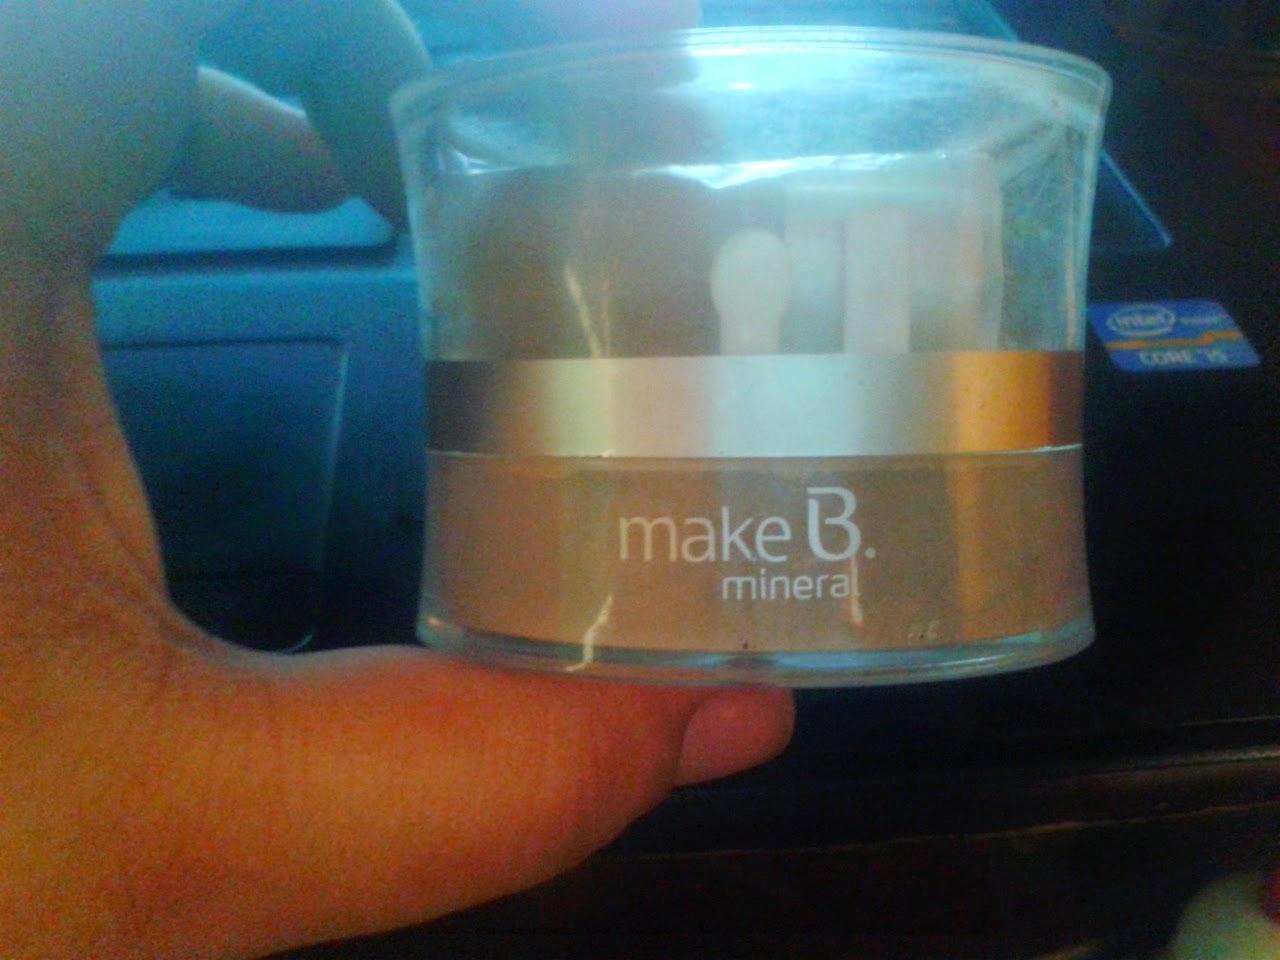 living doll, doll, Makeup, Make B, O Boticário, Base mineral em pó,Review, Maquiagem Kawaii,